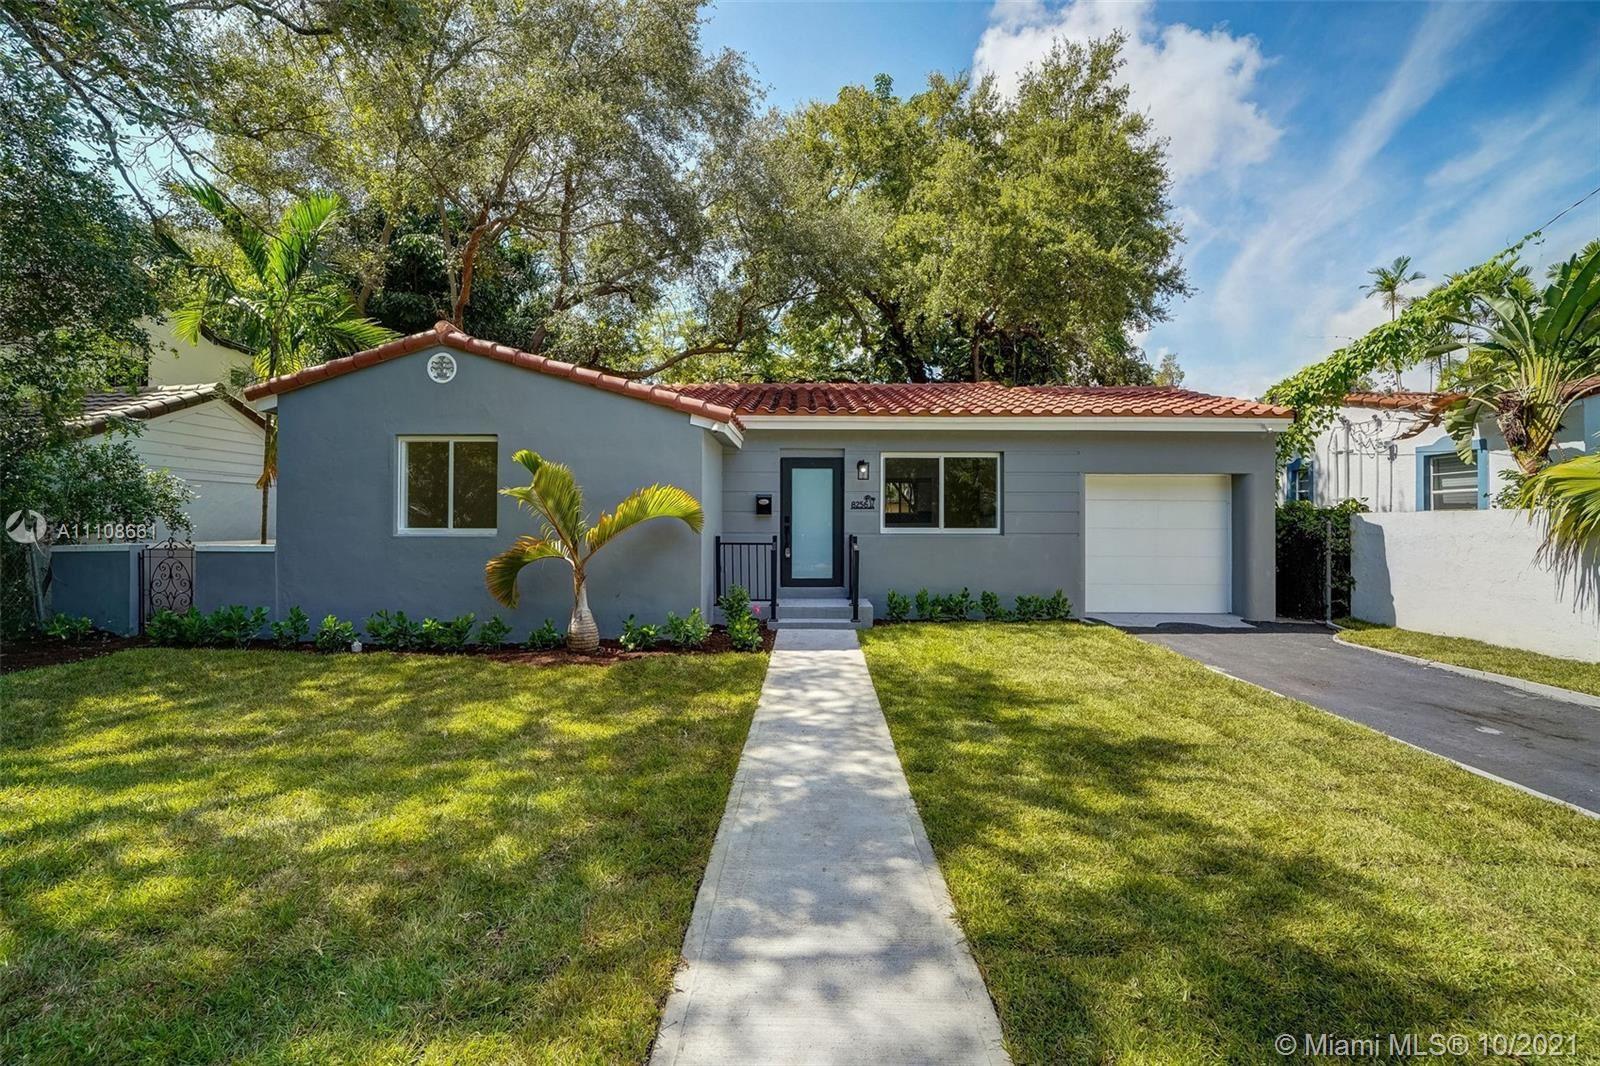 8256 NE 3rd Ct, Miami, FL 33138 - #: A11108661